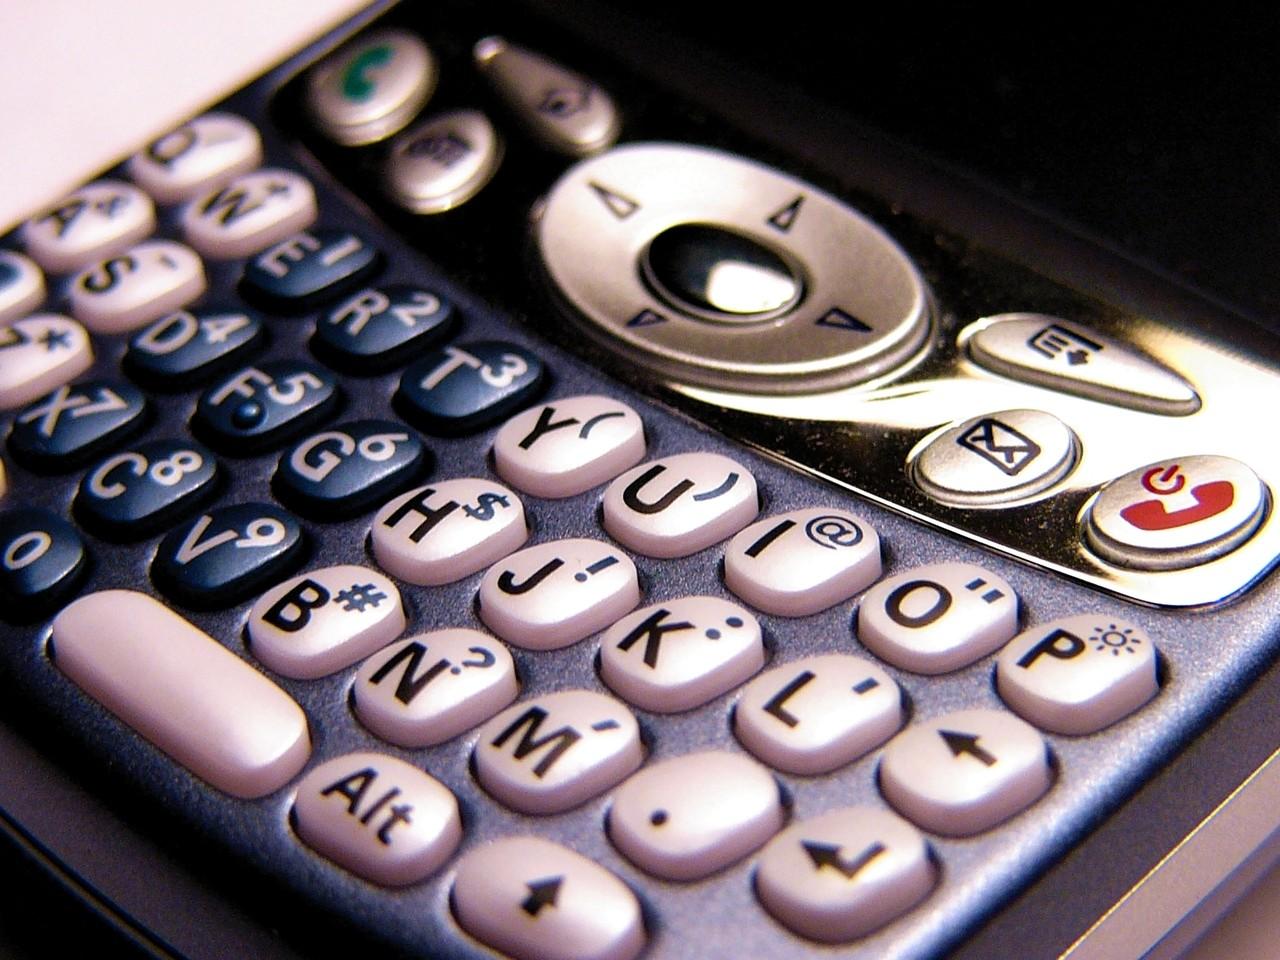 Nawigacja gps mapy do nawigacji nawigacja w telefonie8